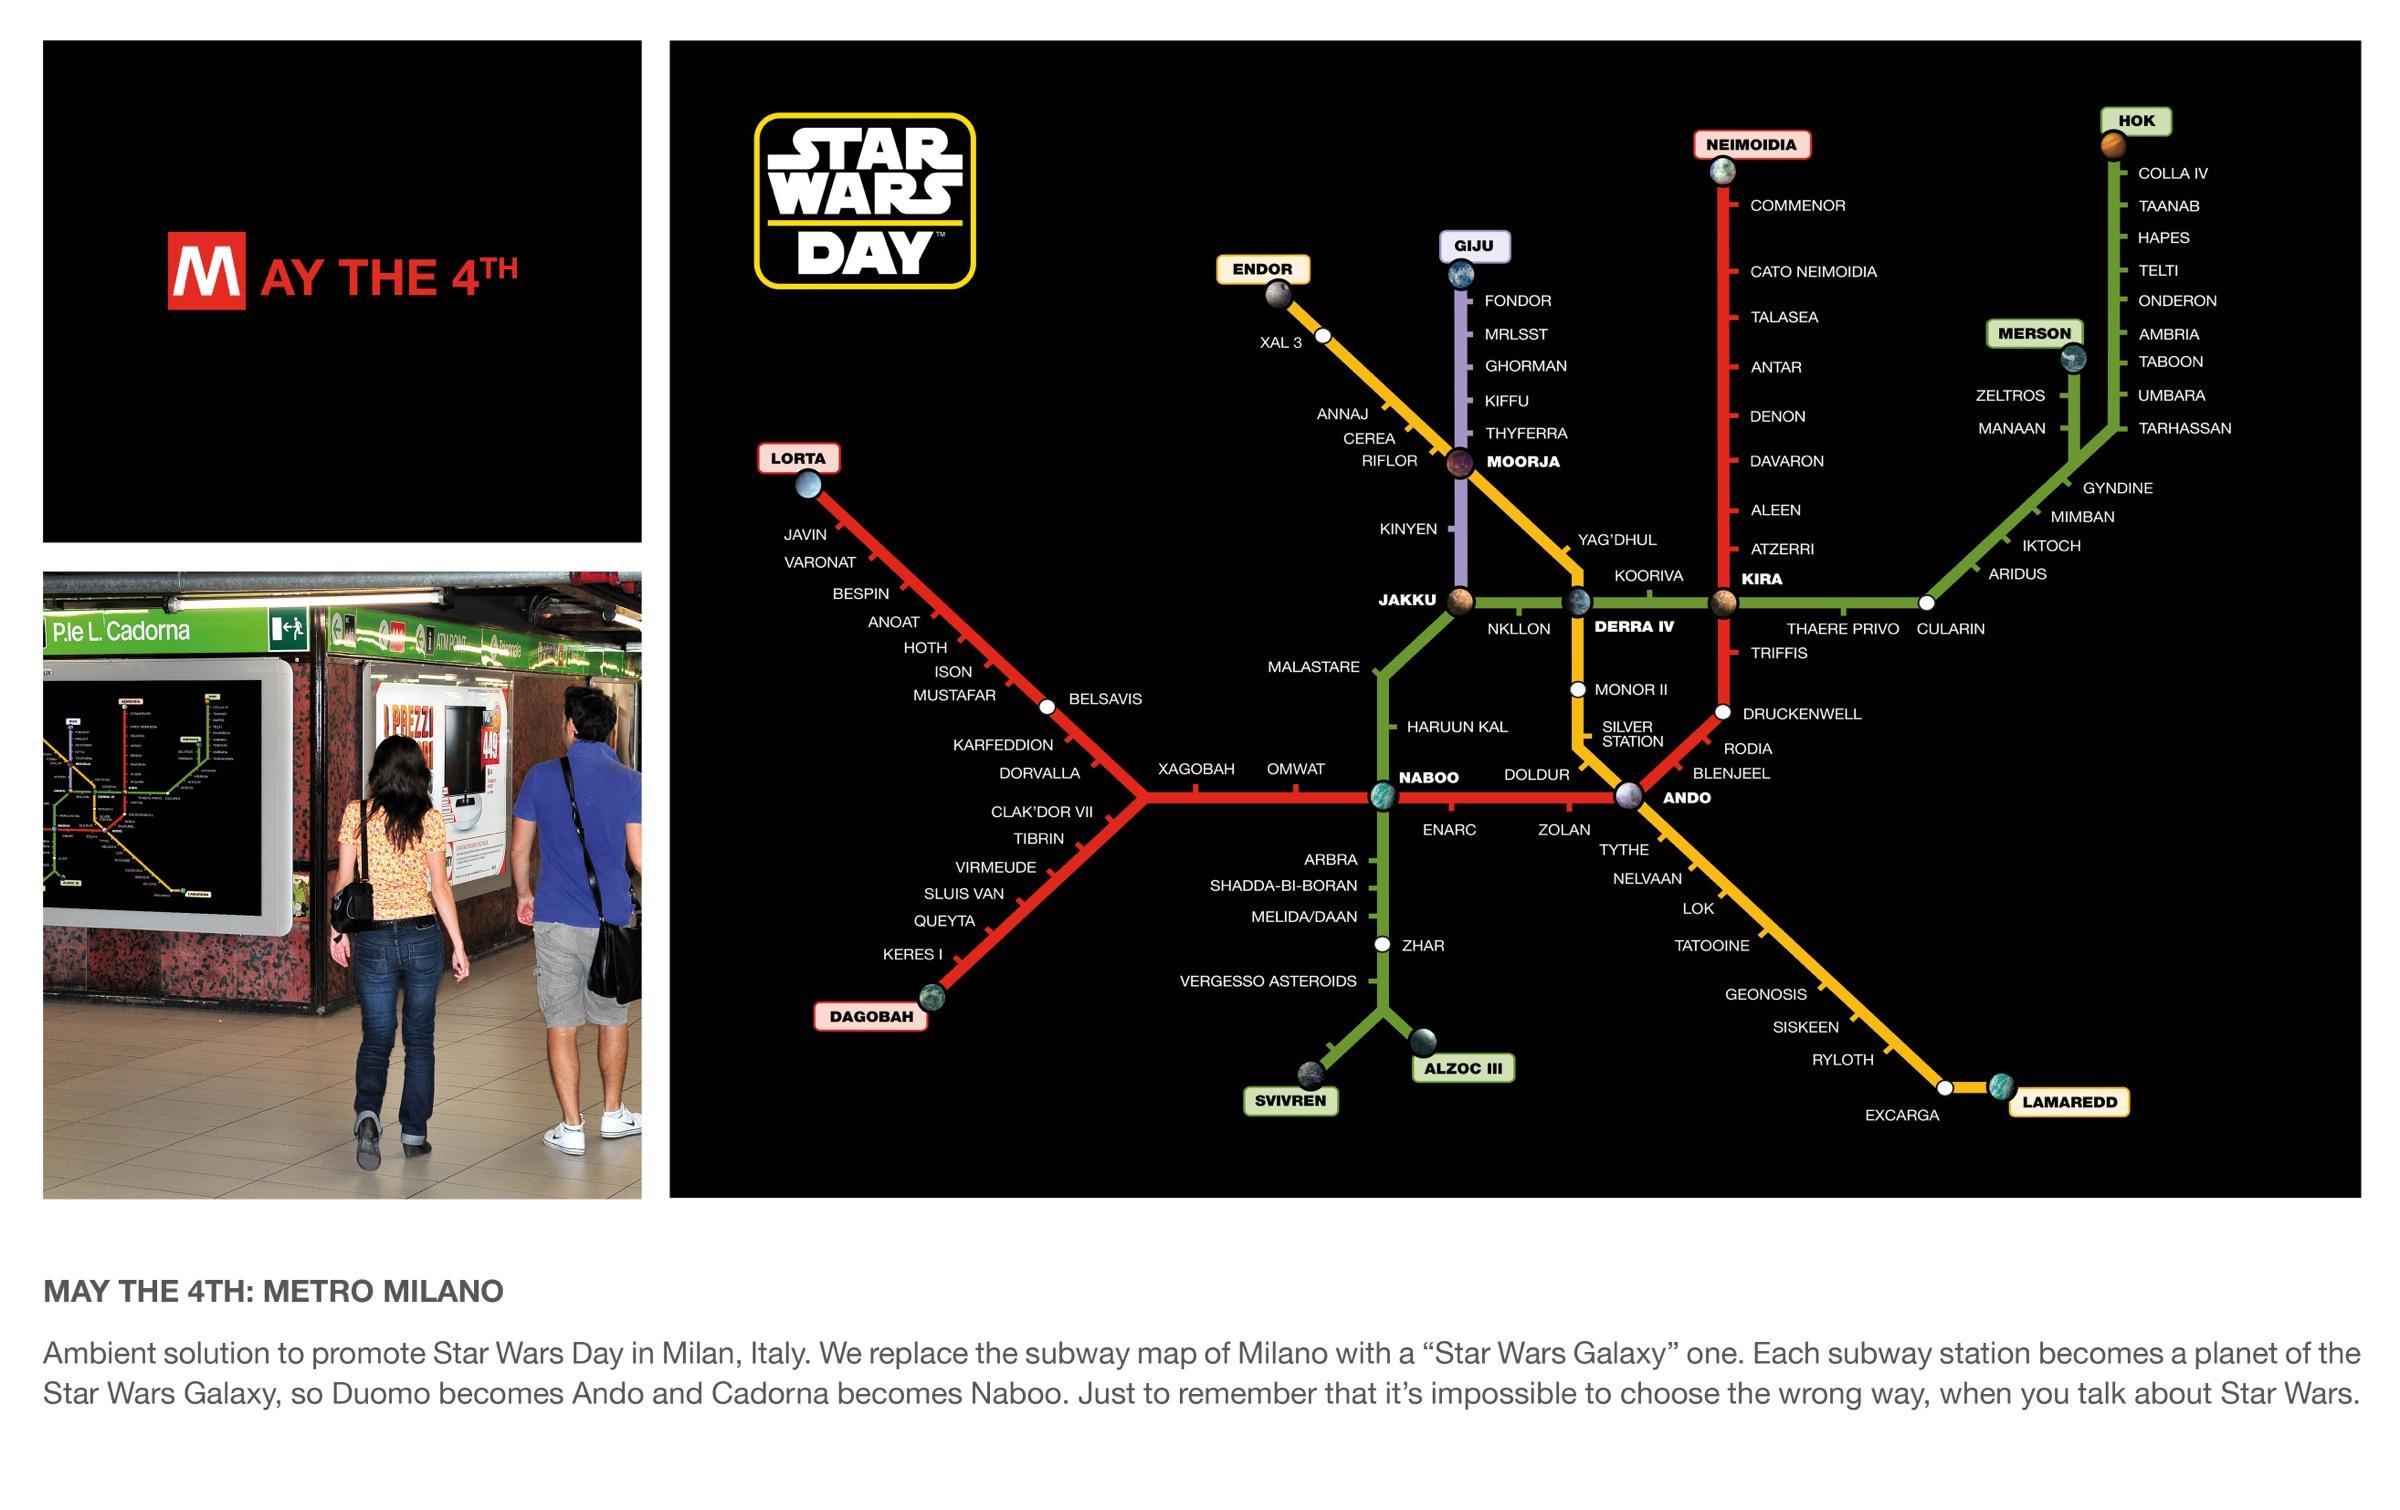 25 anuncios venidos de una galaxia muy lejana para celebrar el Día de Star Wars